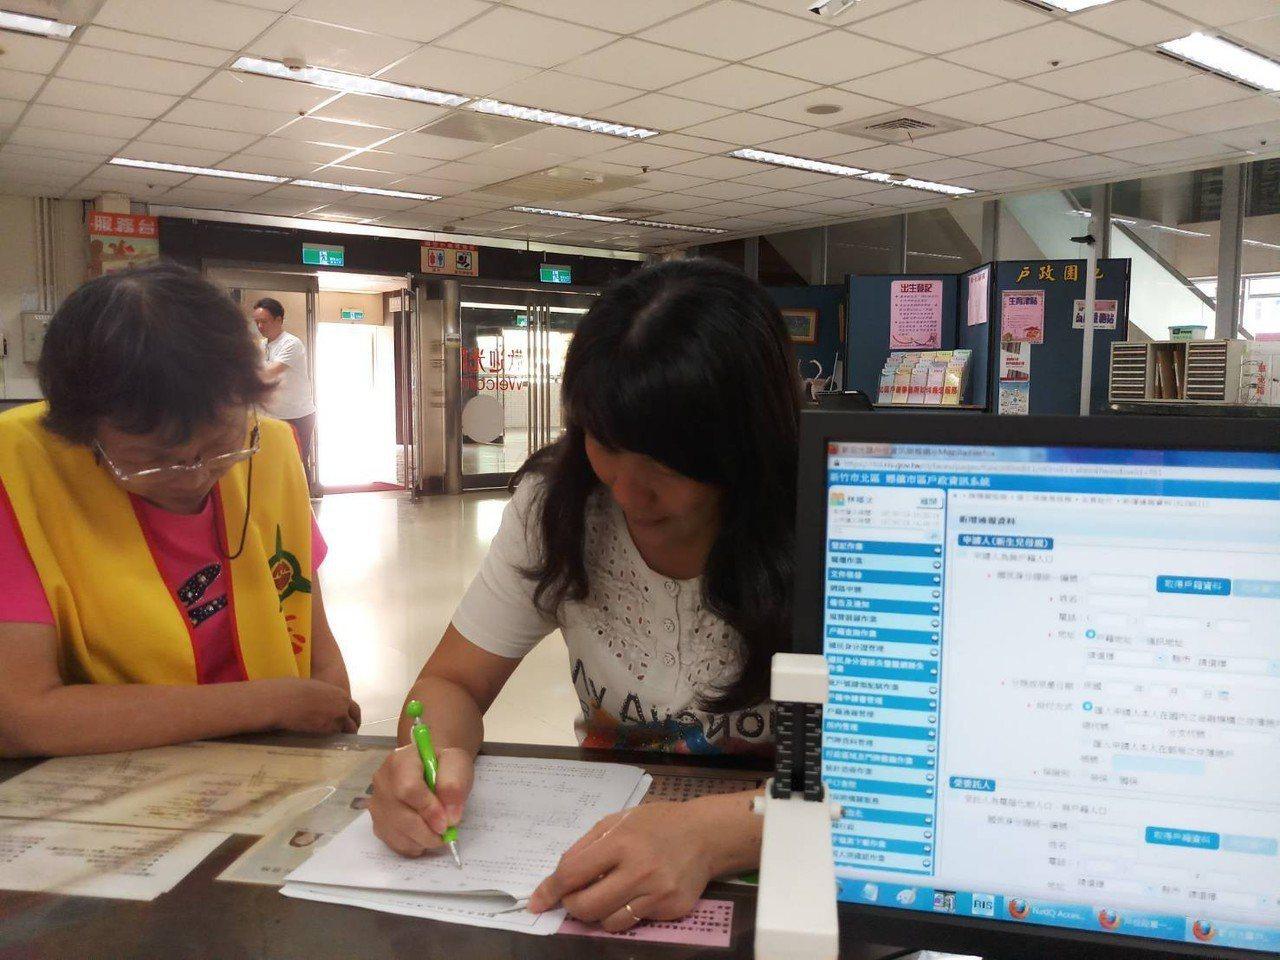 戶政事務所辦理一站式服務。圖/新竹市政府提供